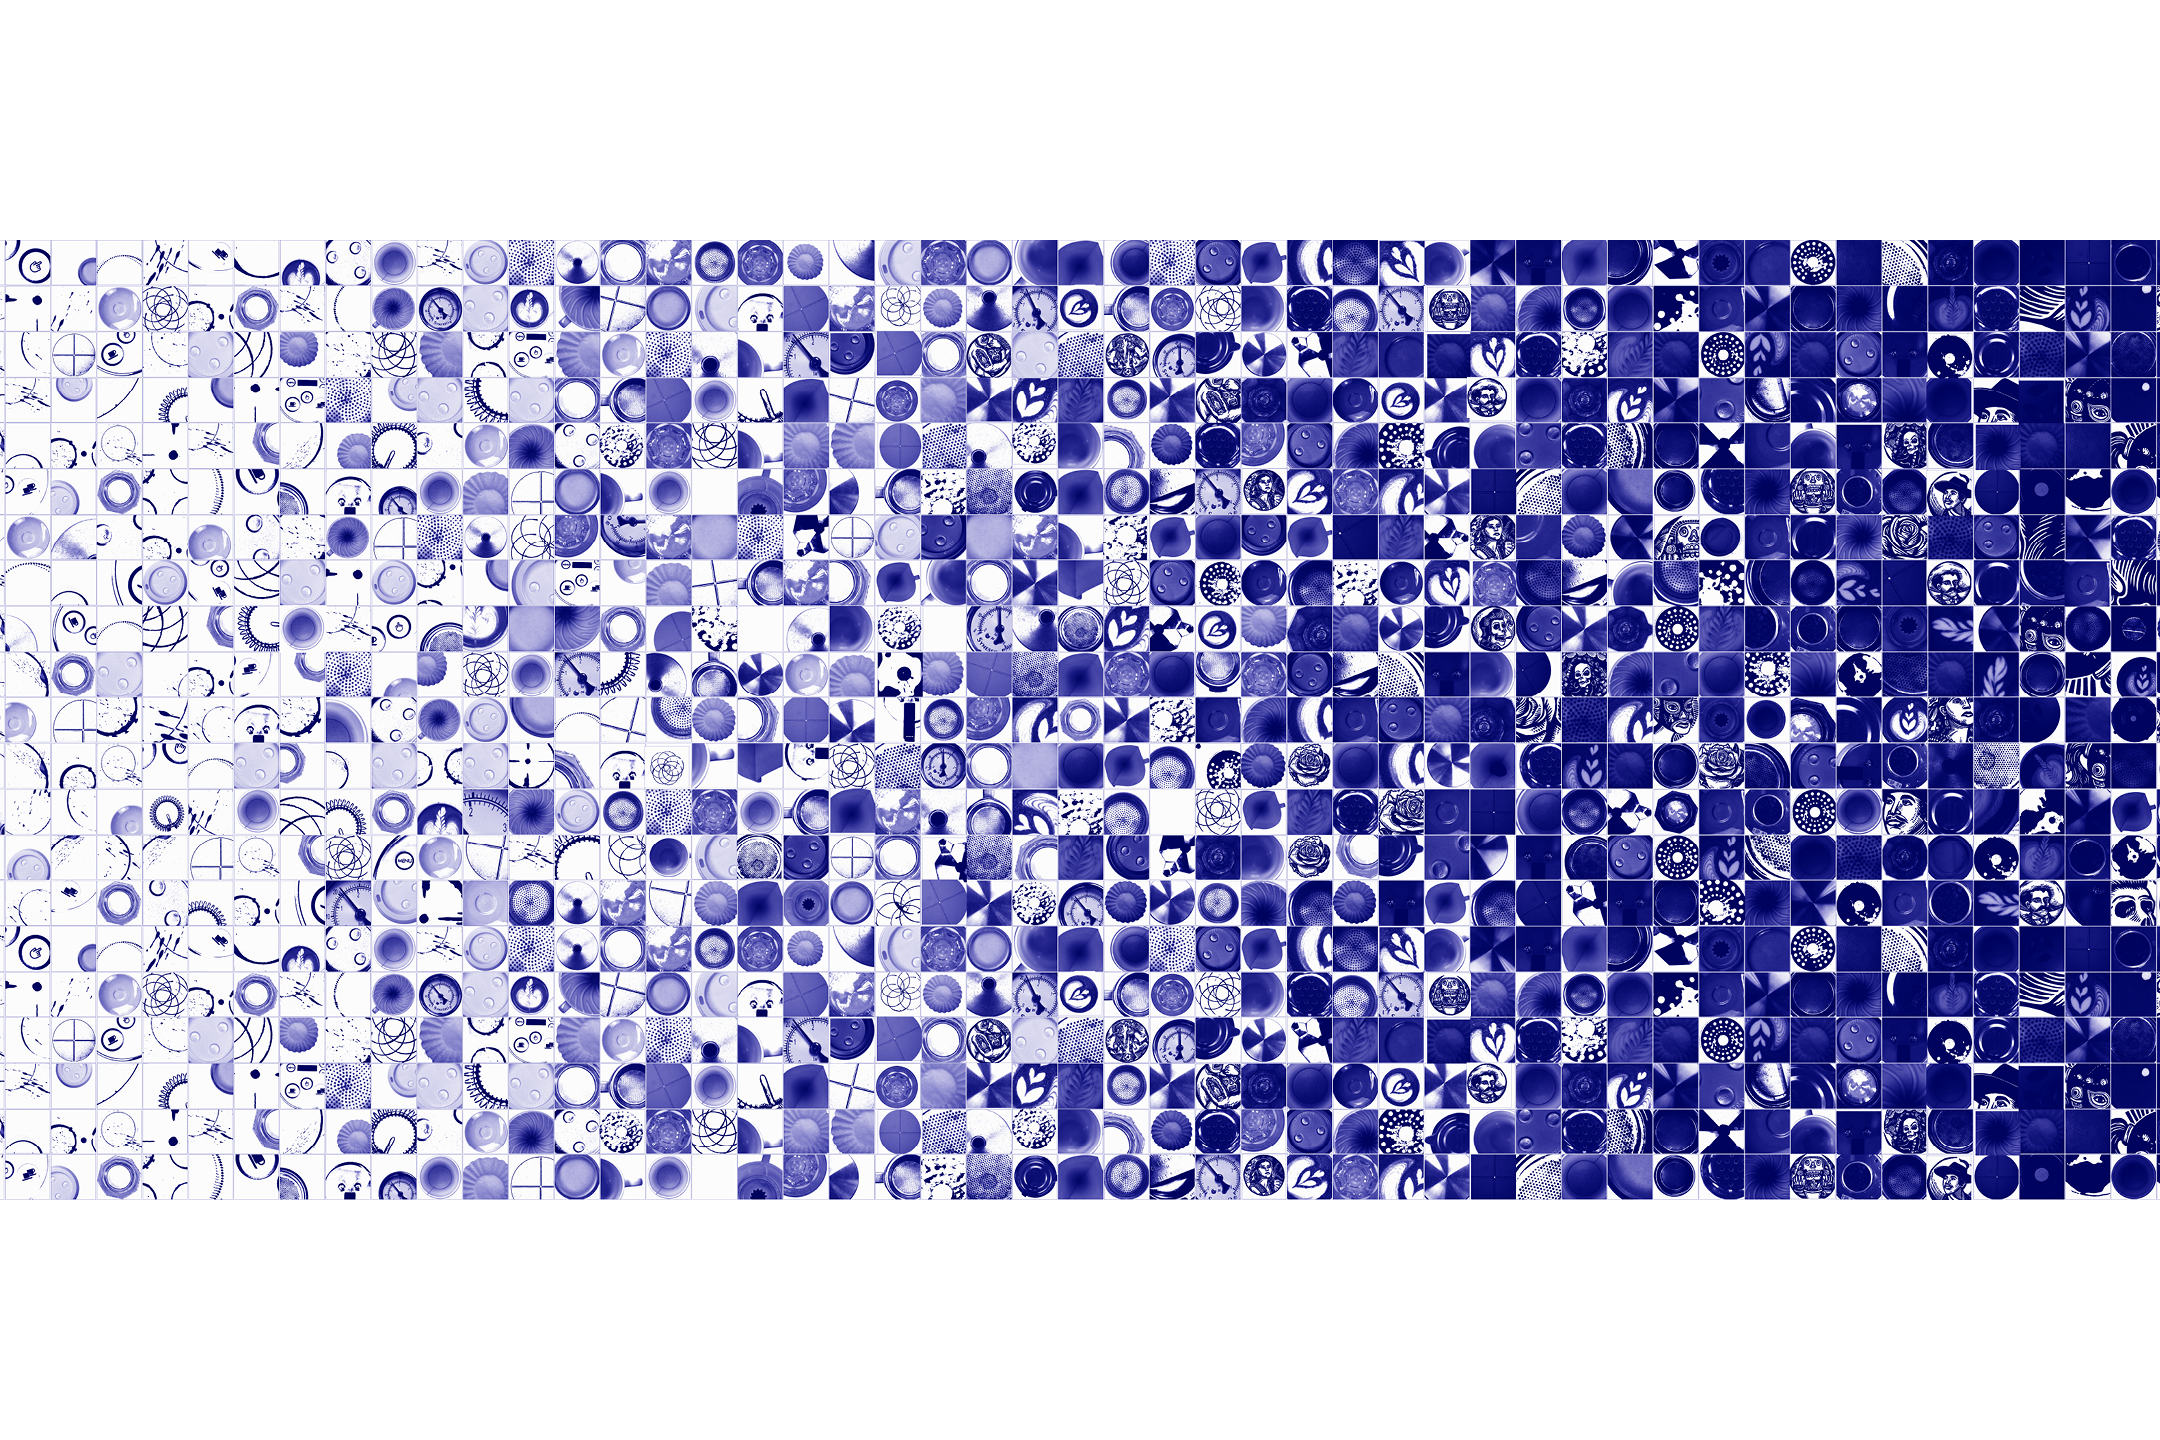 Compania-Azulejo-Mural.jpg